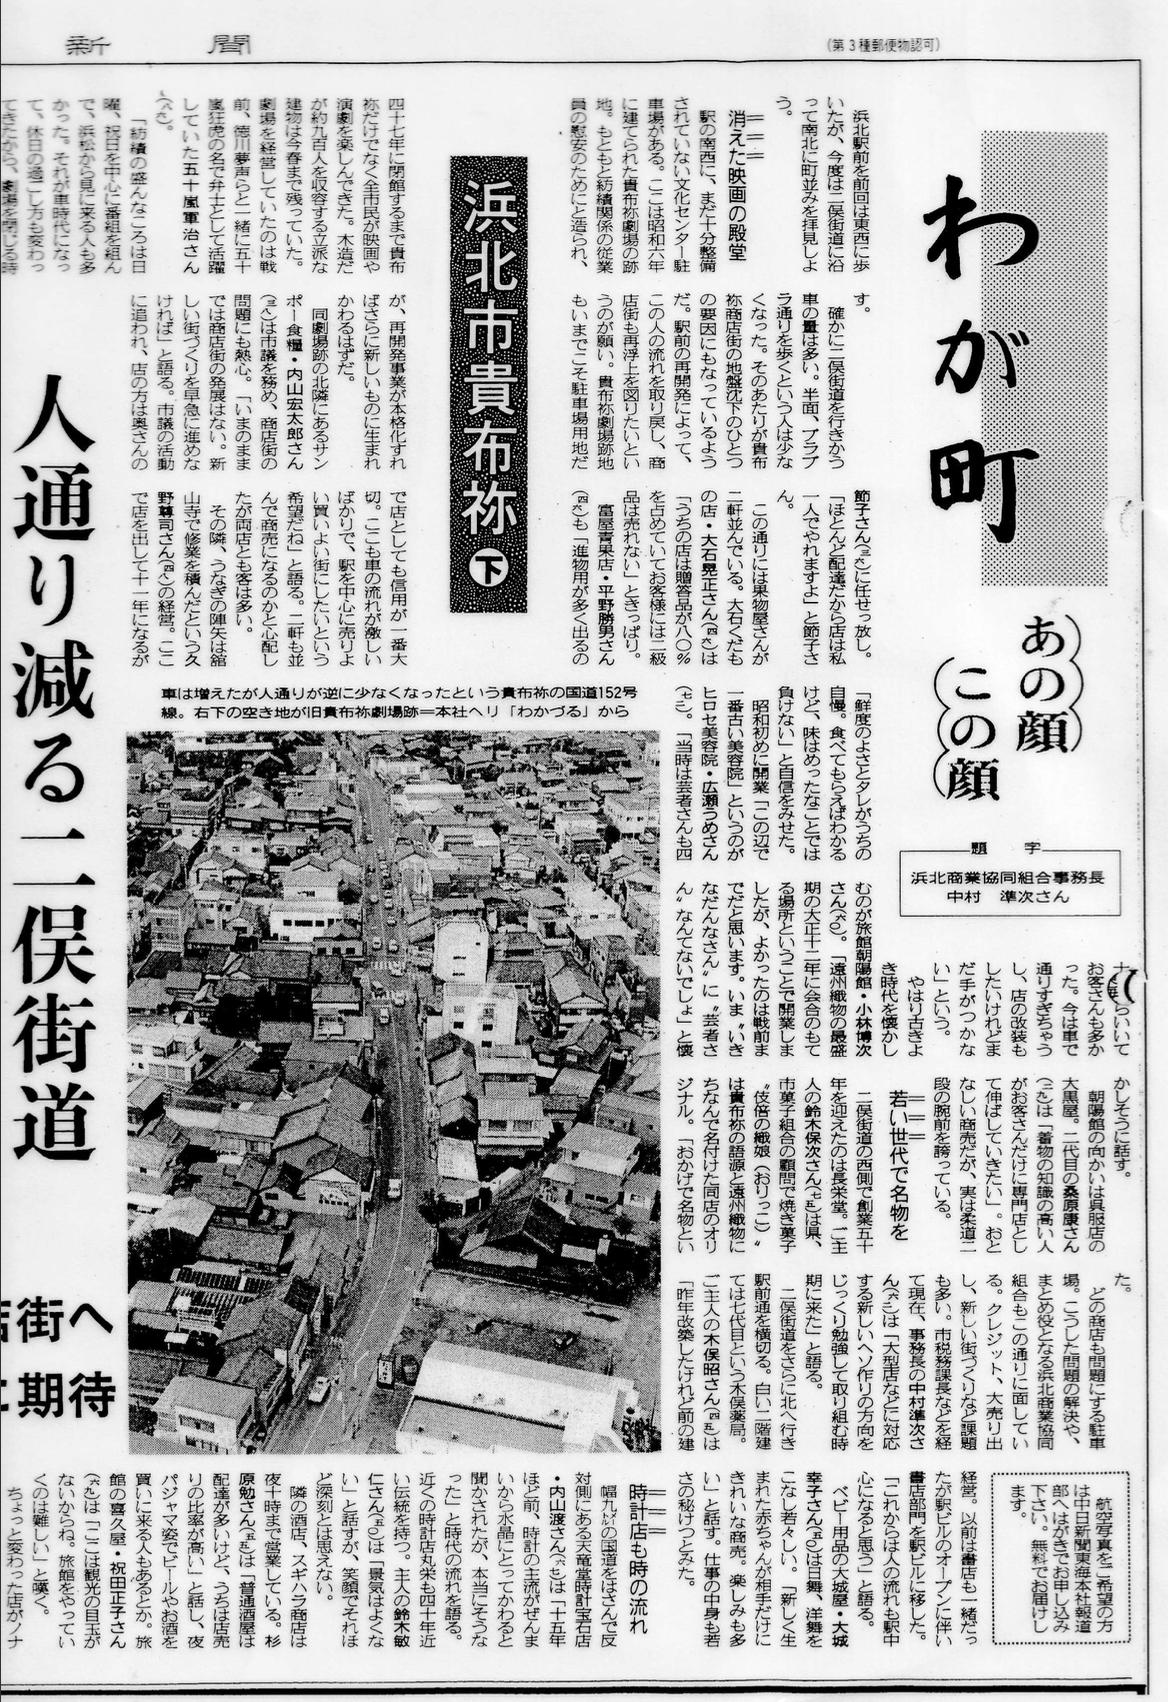 中日新聞貴布祢二俣街道記事1982年右側